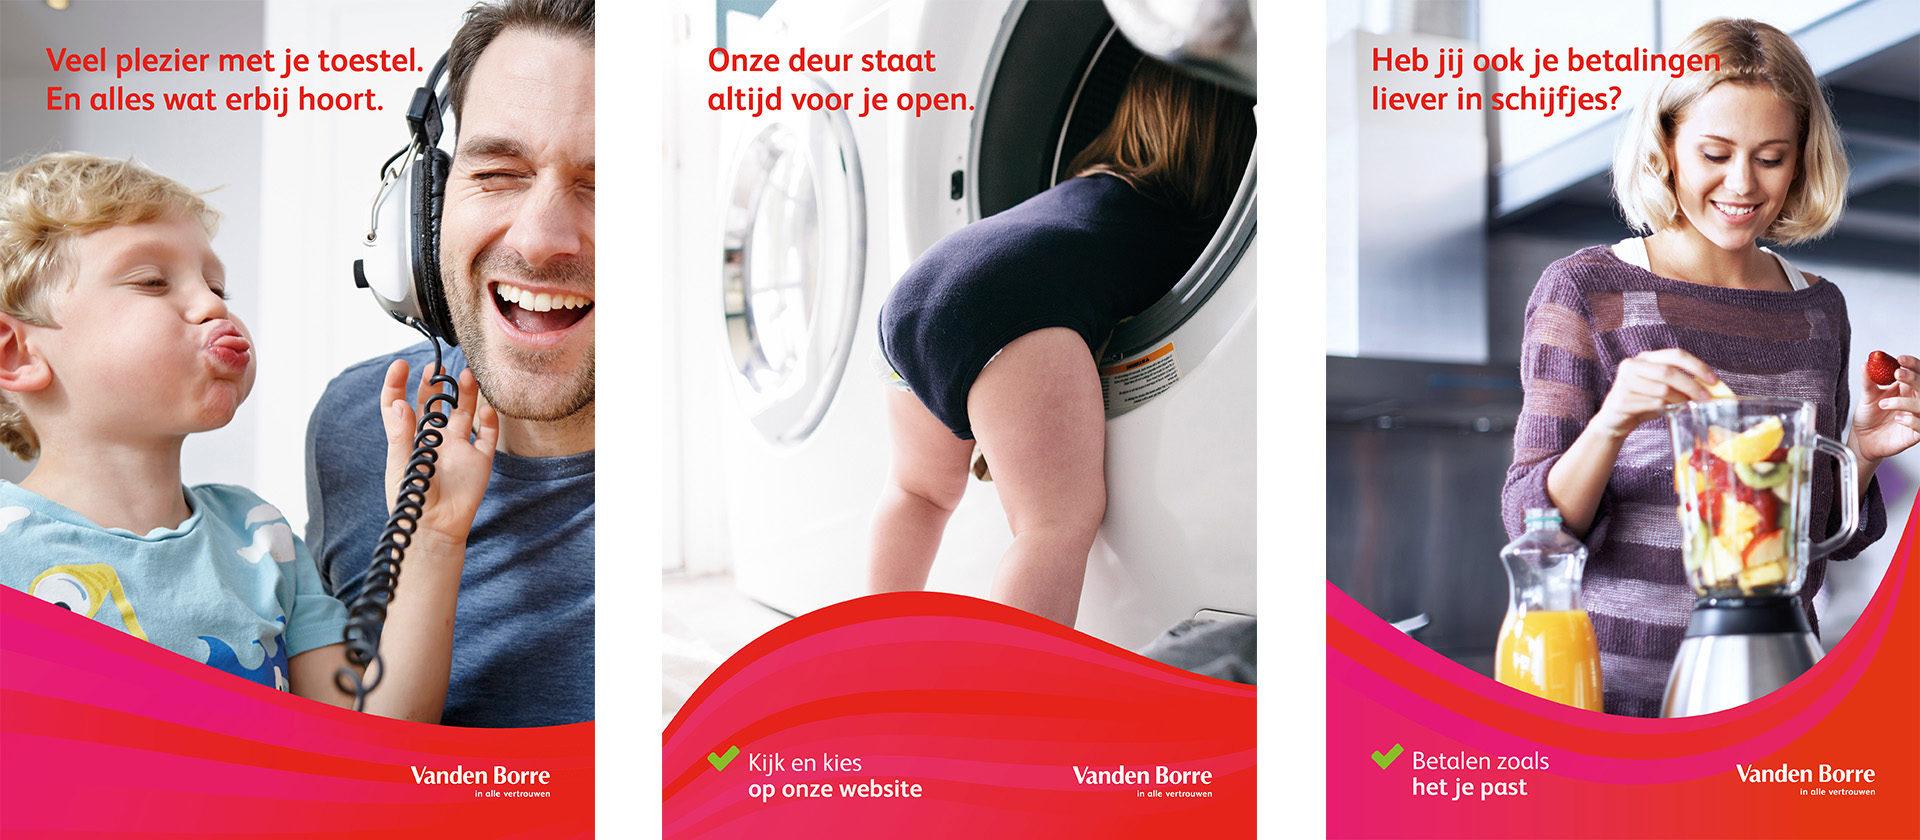 Vanden Borre posters